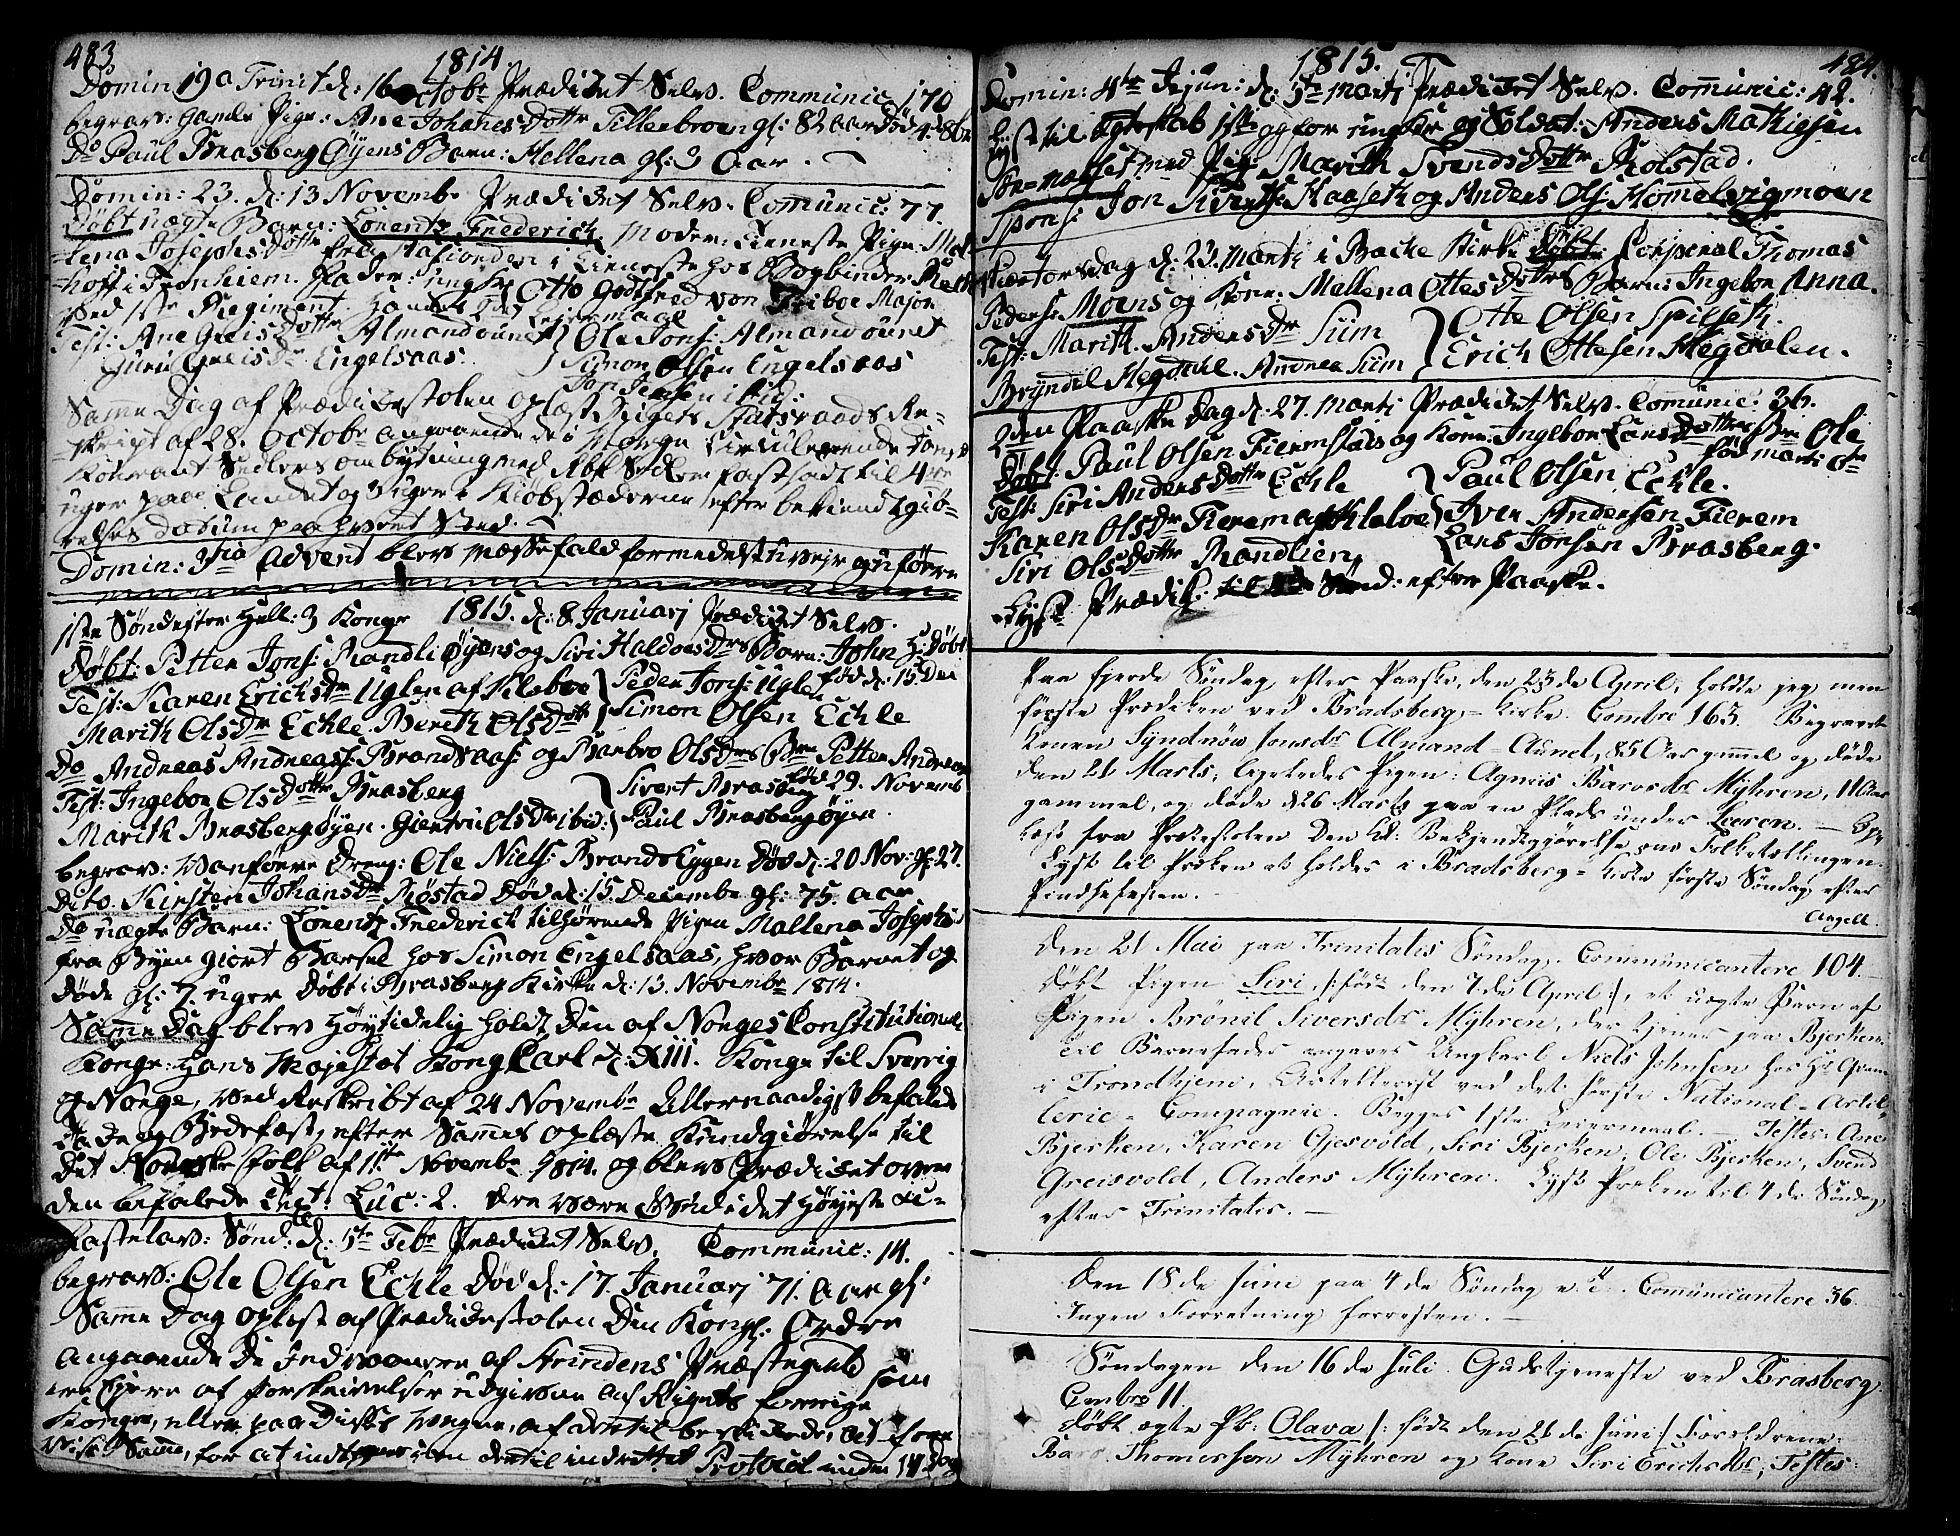 SAT, Ministerialprotokoller, klokkerbøker og fødselsregistre - Sør-Trøndelag, 606/L0282: Ministerialbok nr. 606A02 /3, 1781-1817, s. 483-484